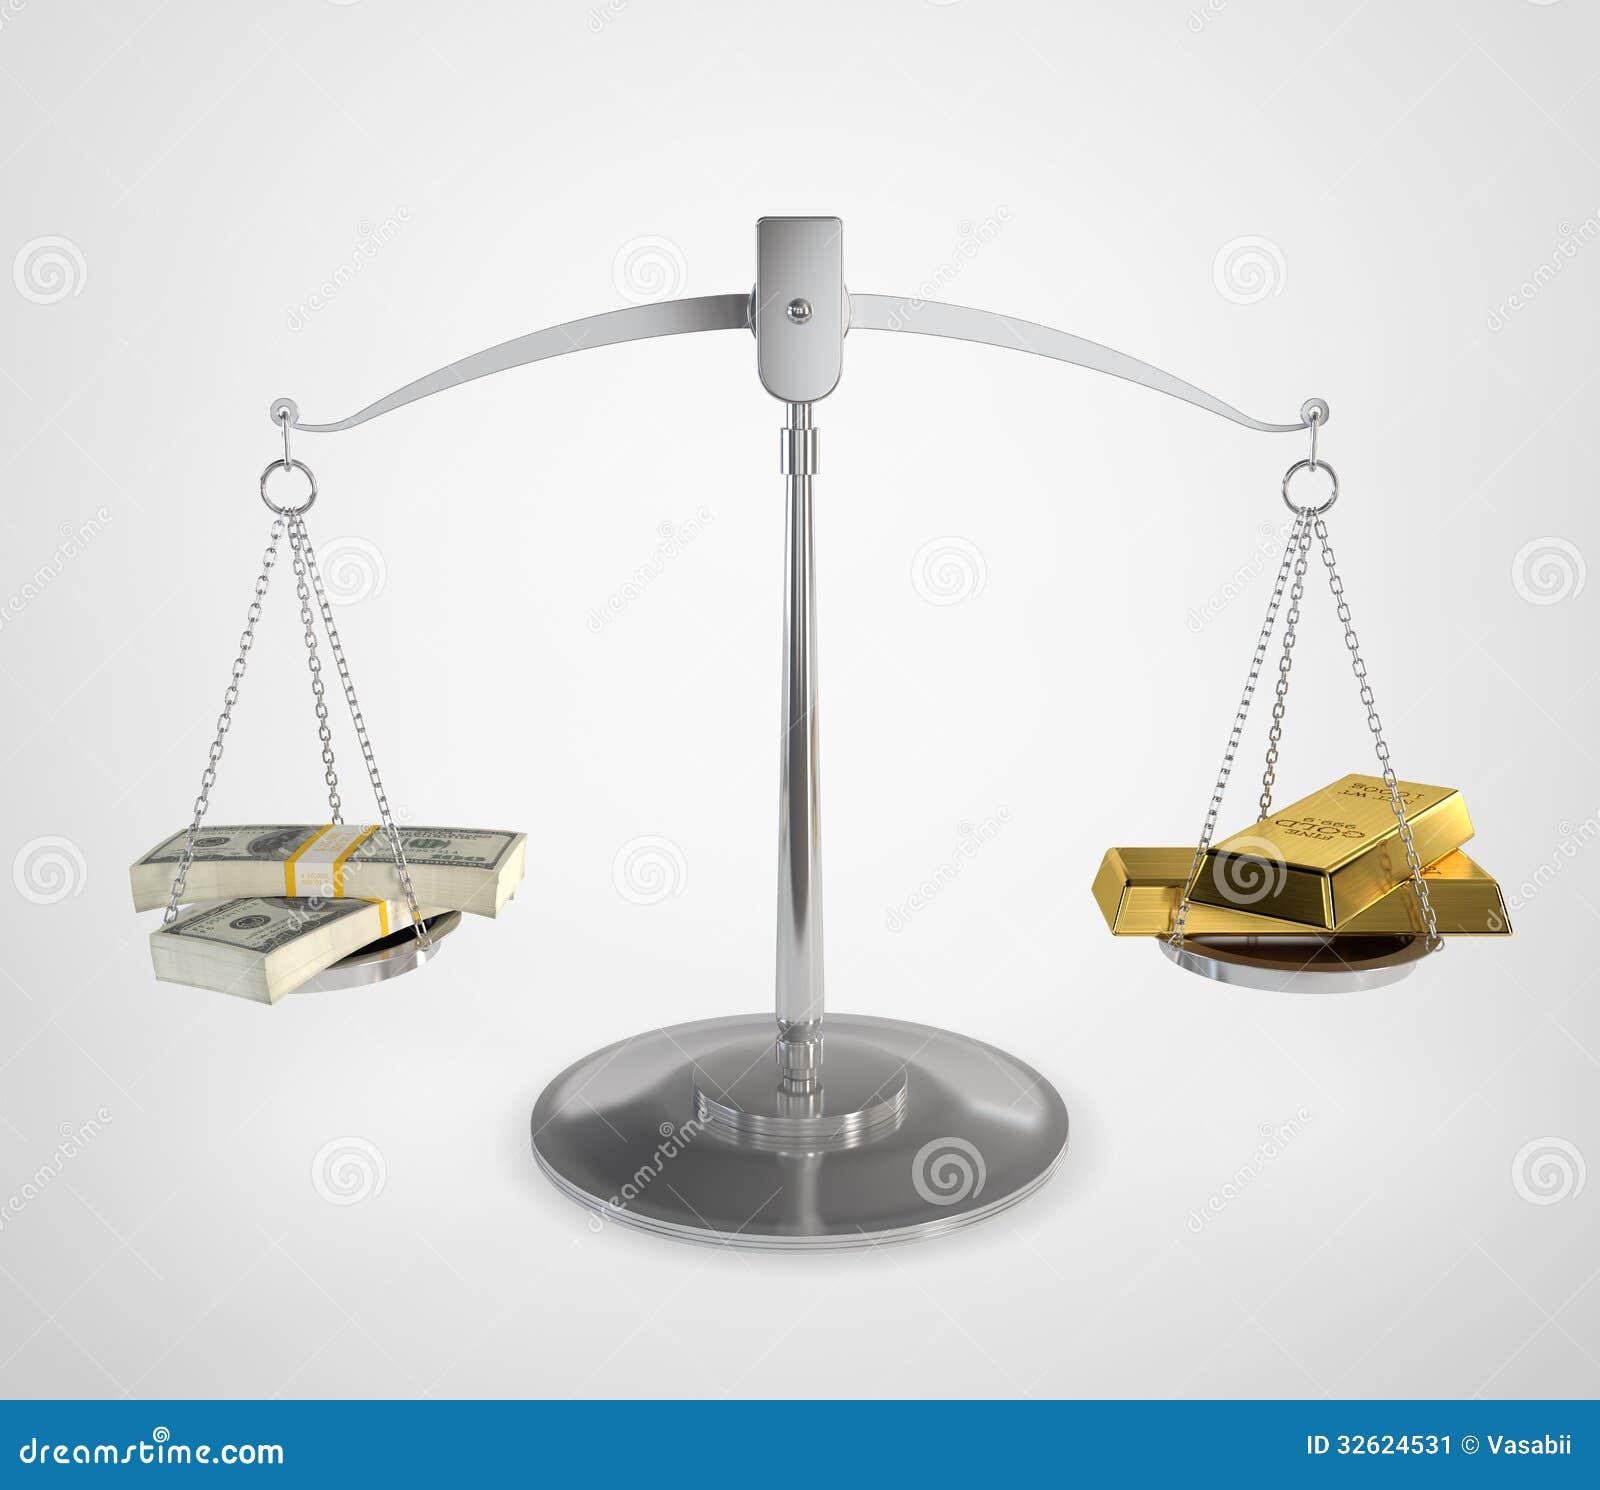 Money Balance Stock Image - Image: 32624531